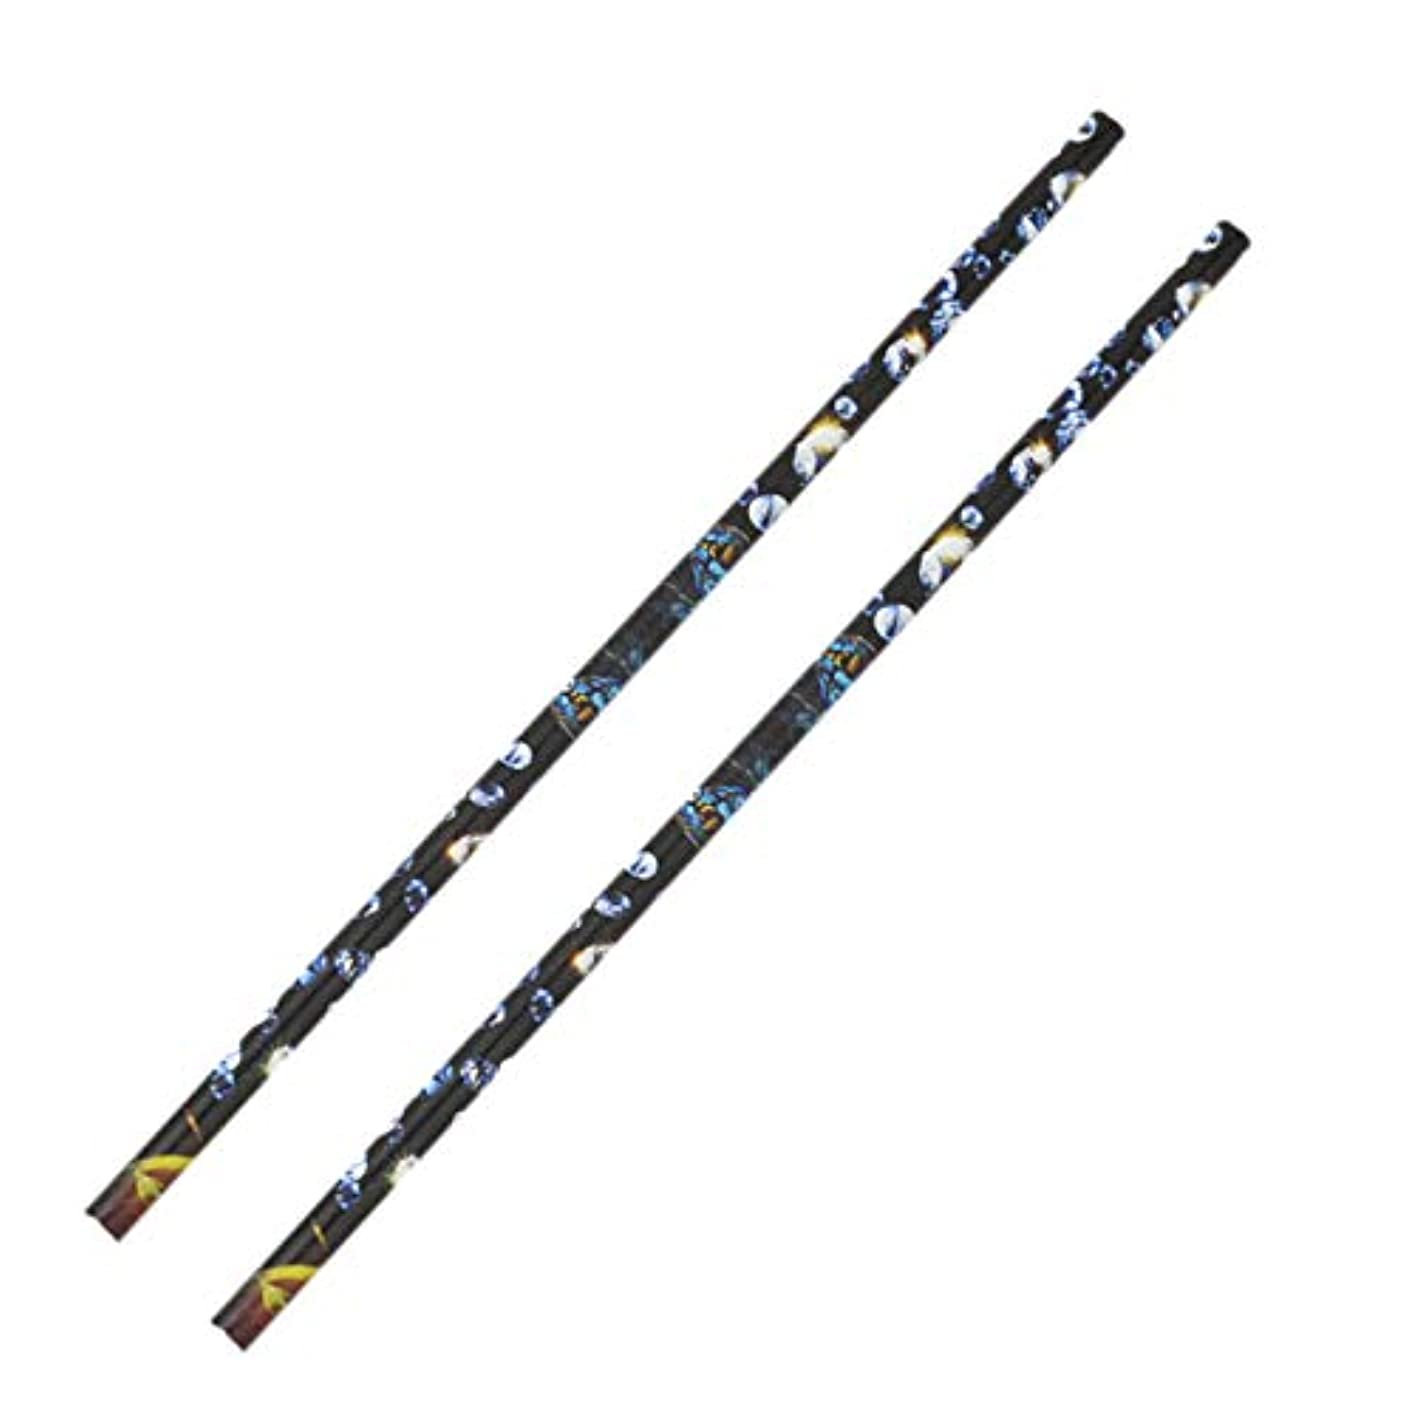 ジョグ電気のお手入れTOOGOO 2個 クリスタル ラインストーン ピッカー鉛筆ネイルアートクラフト装飾ツール ワックスペンDIYスティッキードリルクレヨンラインストーンスティックドリルペン マニキュアツール